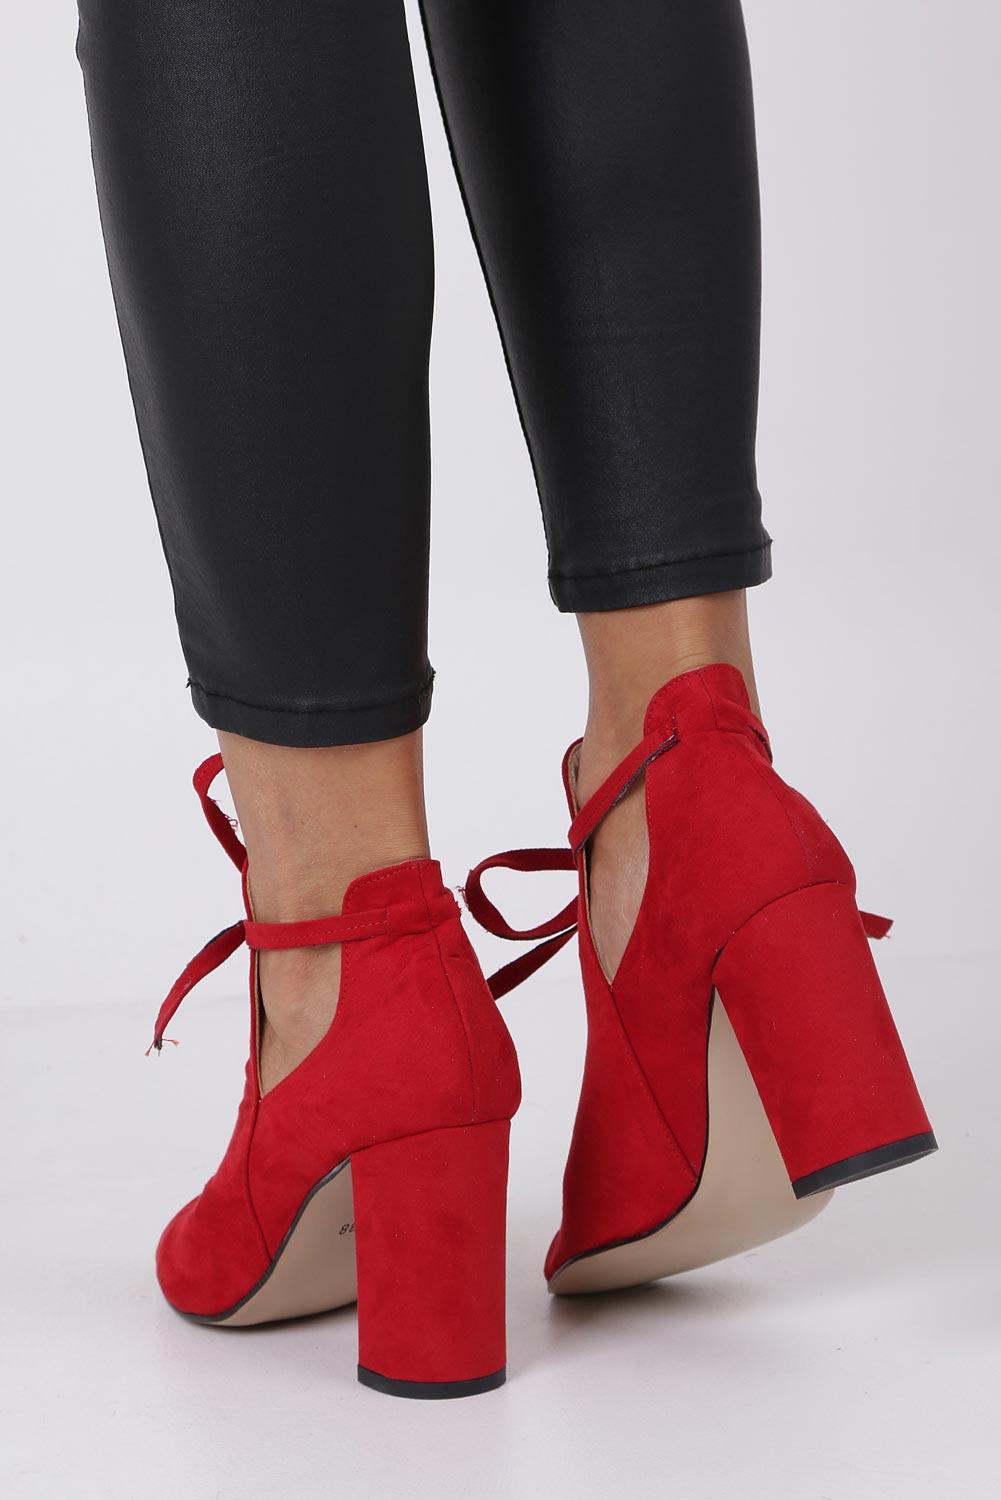 Buty Czerwone botki wiosenne peep toe na słupku z ozdobnym